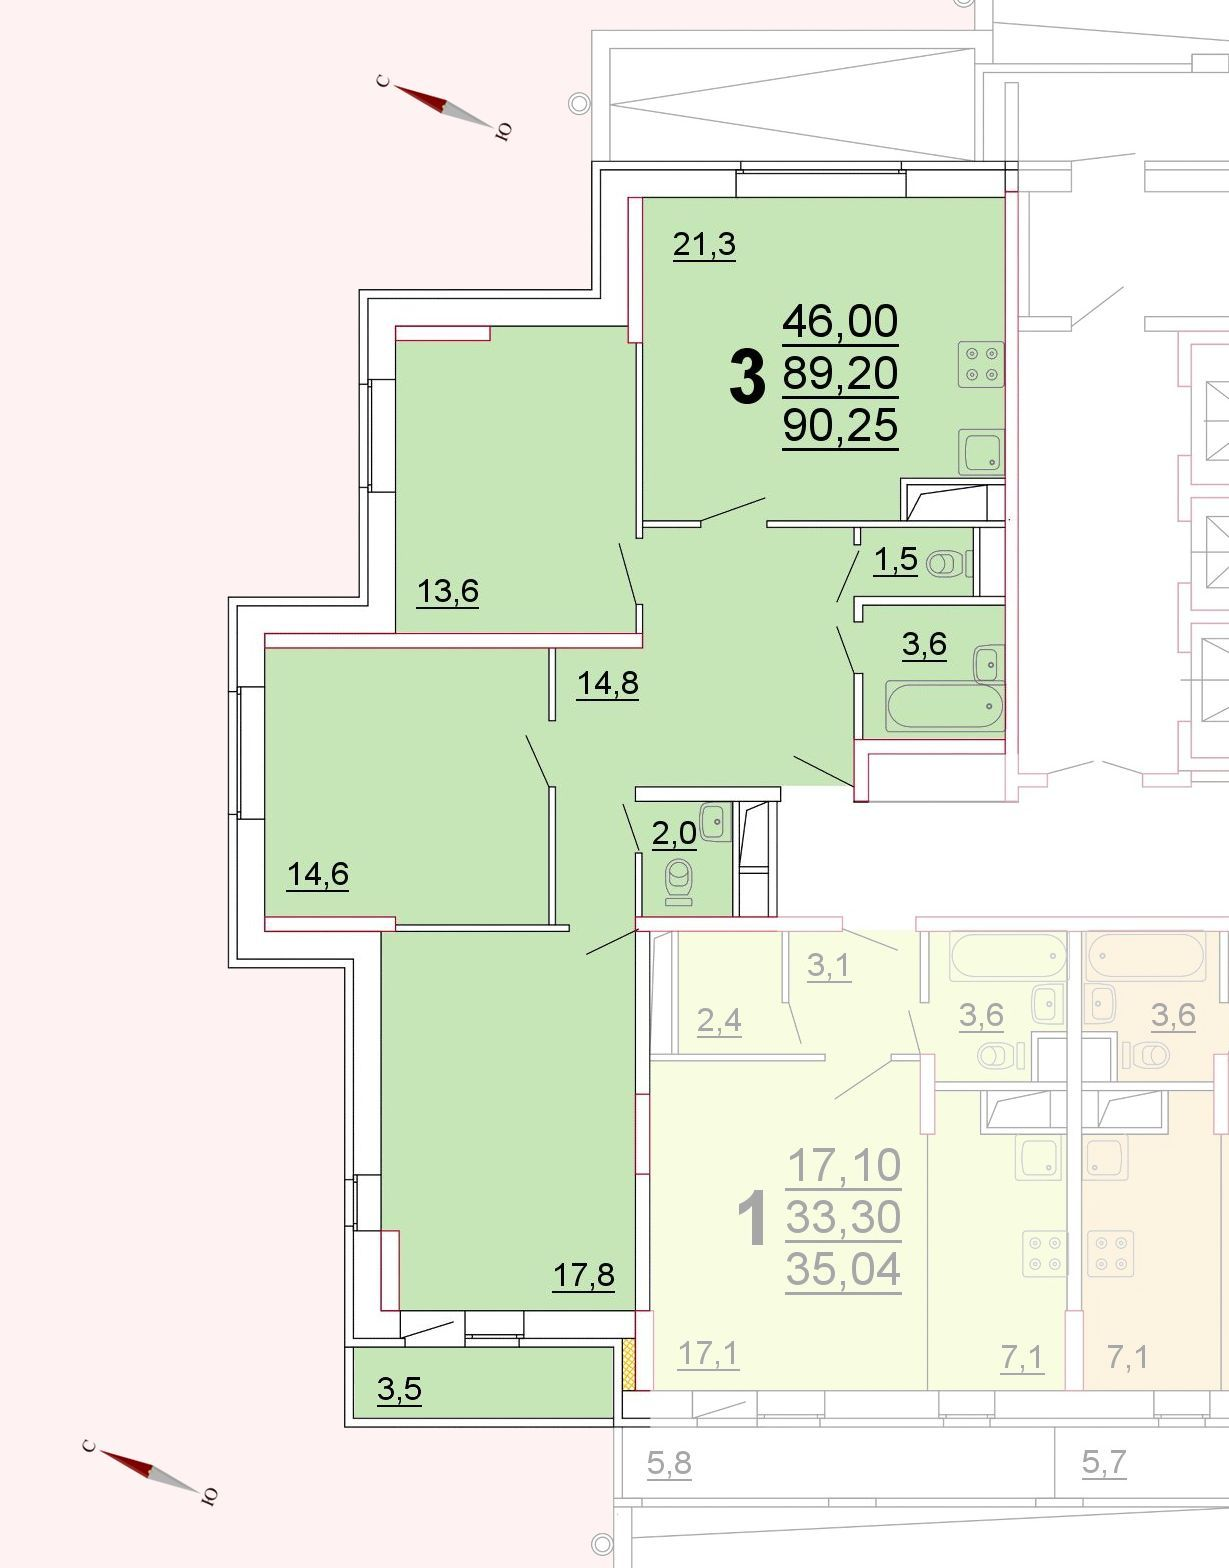 Микрорайон «Центральный», корпус 52г, секция 1, квартира 90,25 м2